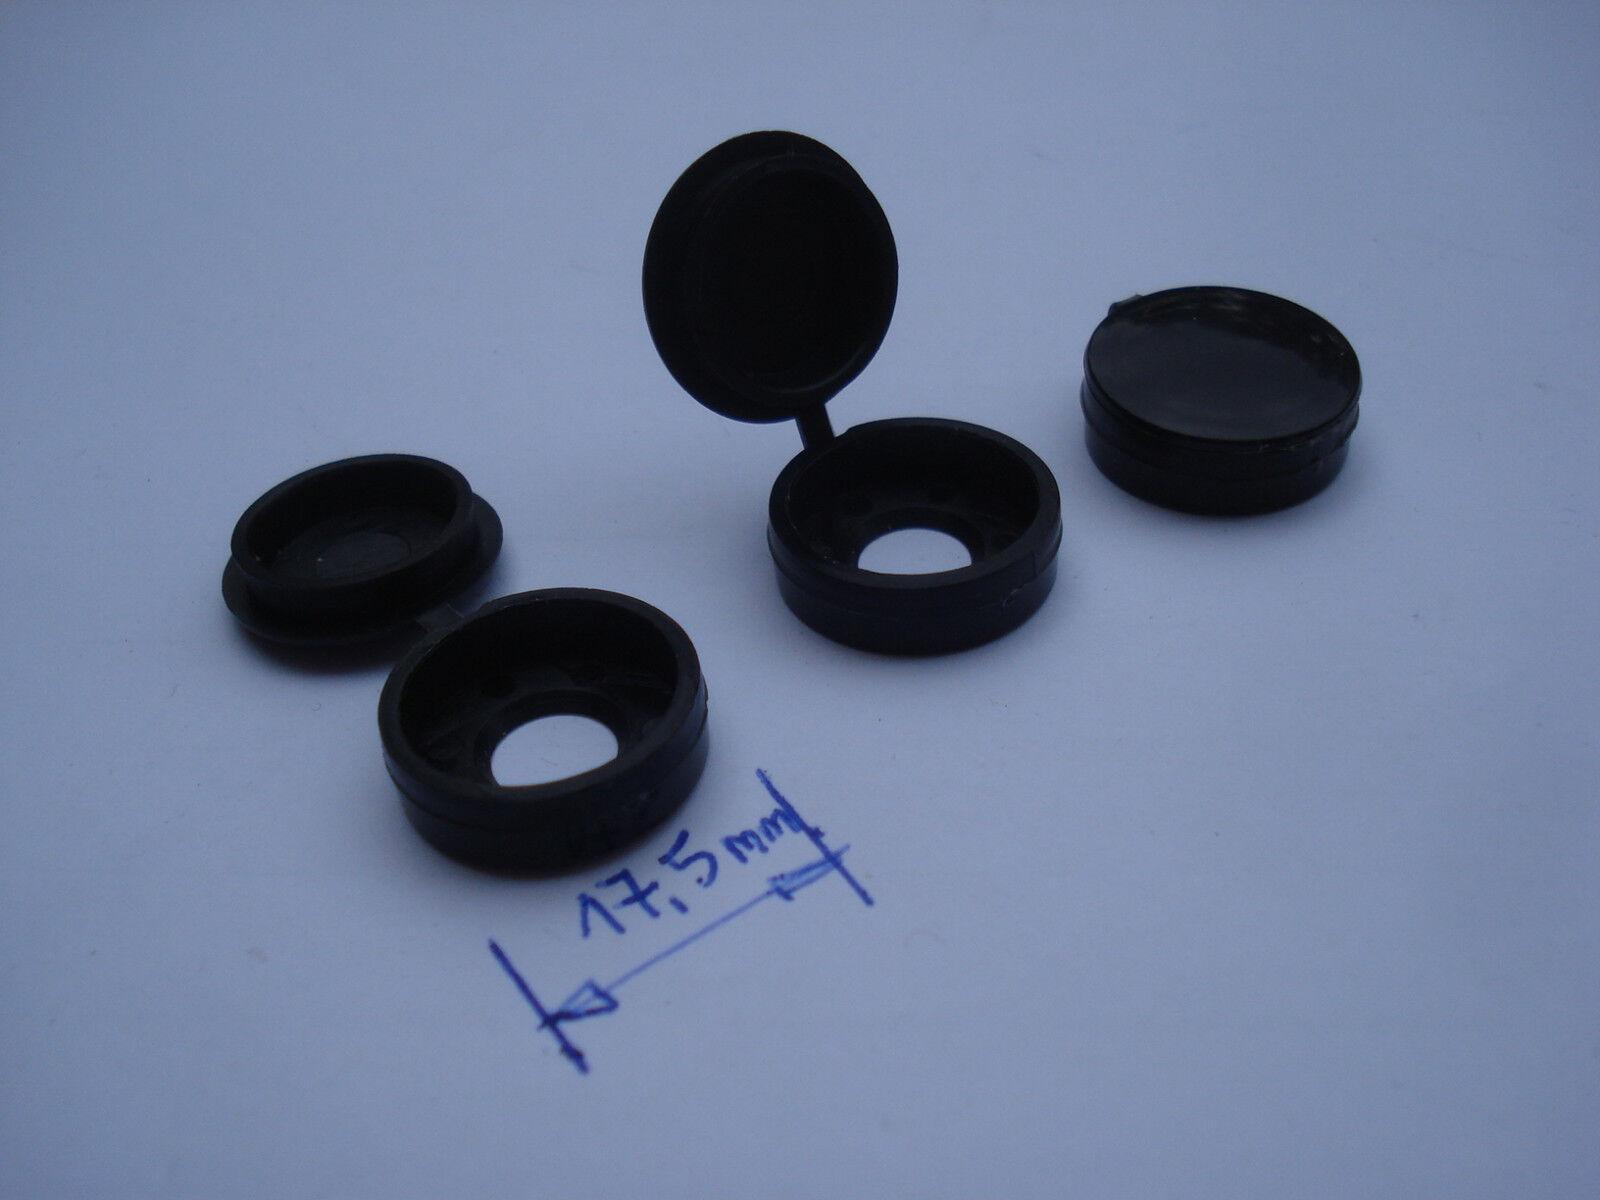 Lot de 1000 cache vis noirs PVC Grand modèle diamètre 17,5 mm